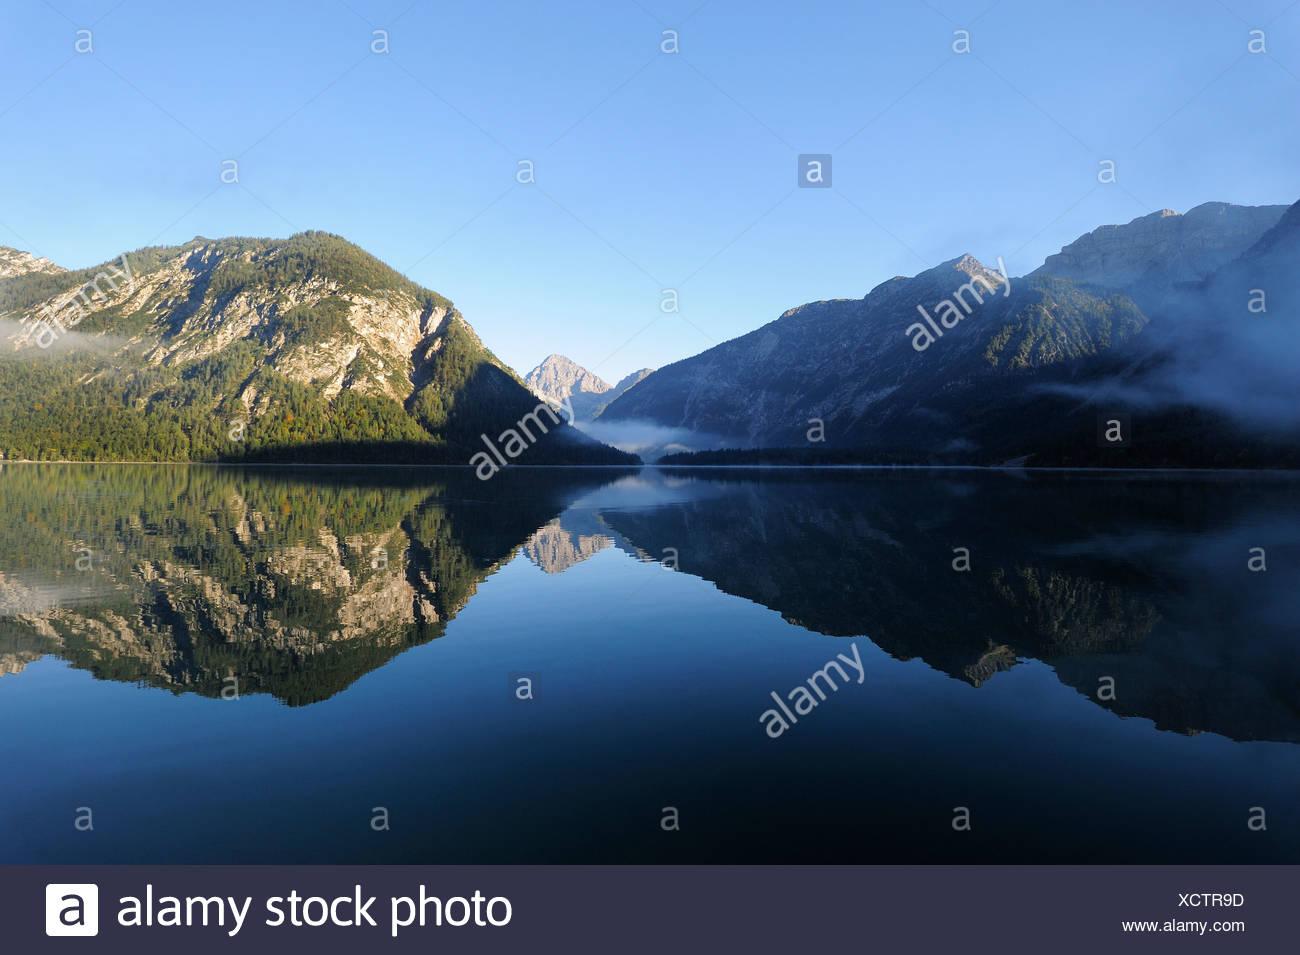 Lago Plansee, Alpes Ammergau, montañas Ammergebirge, mirando hacia la montaña Lechtal Thaneller en los Alpes, Tirol, Austria Imagen De Stock